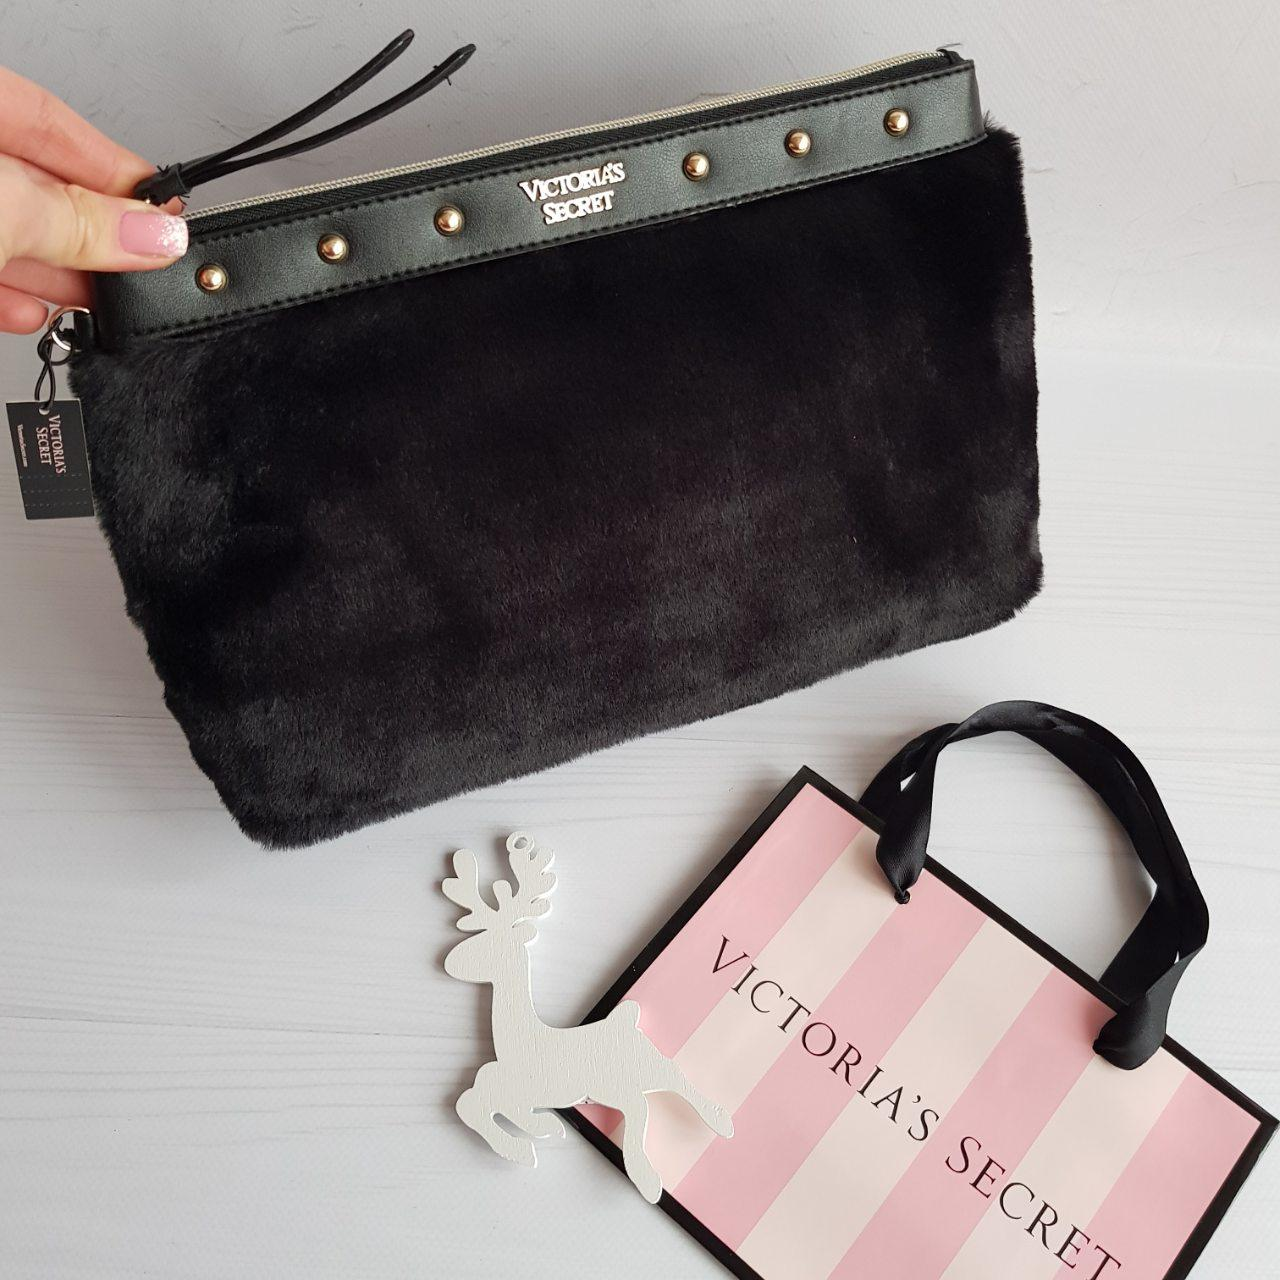 ebcfd0aae494 Оригинальный клатч Victoria's secret!: продажа, цена в Херсоне ...